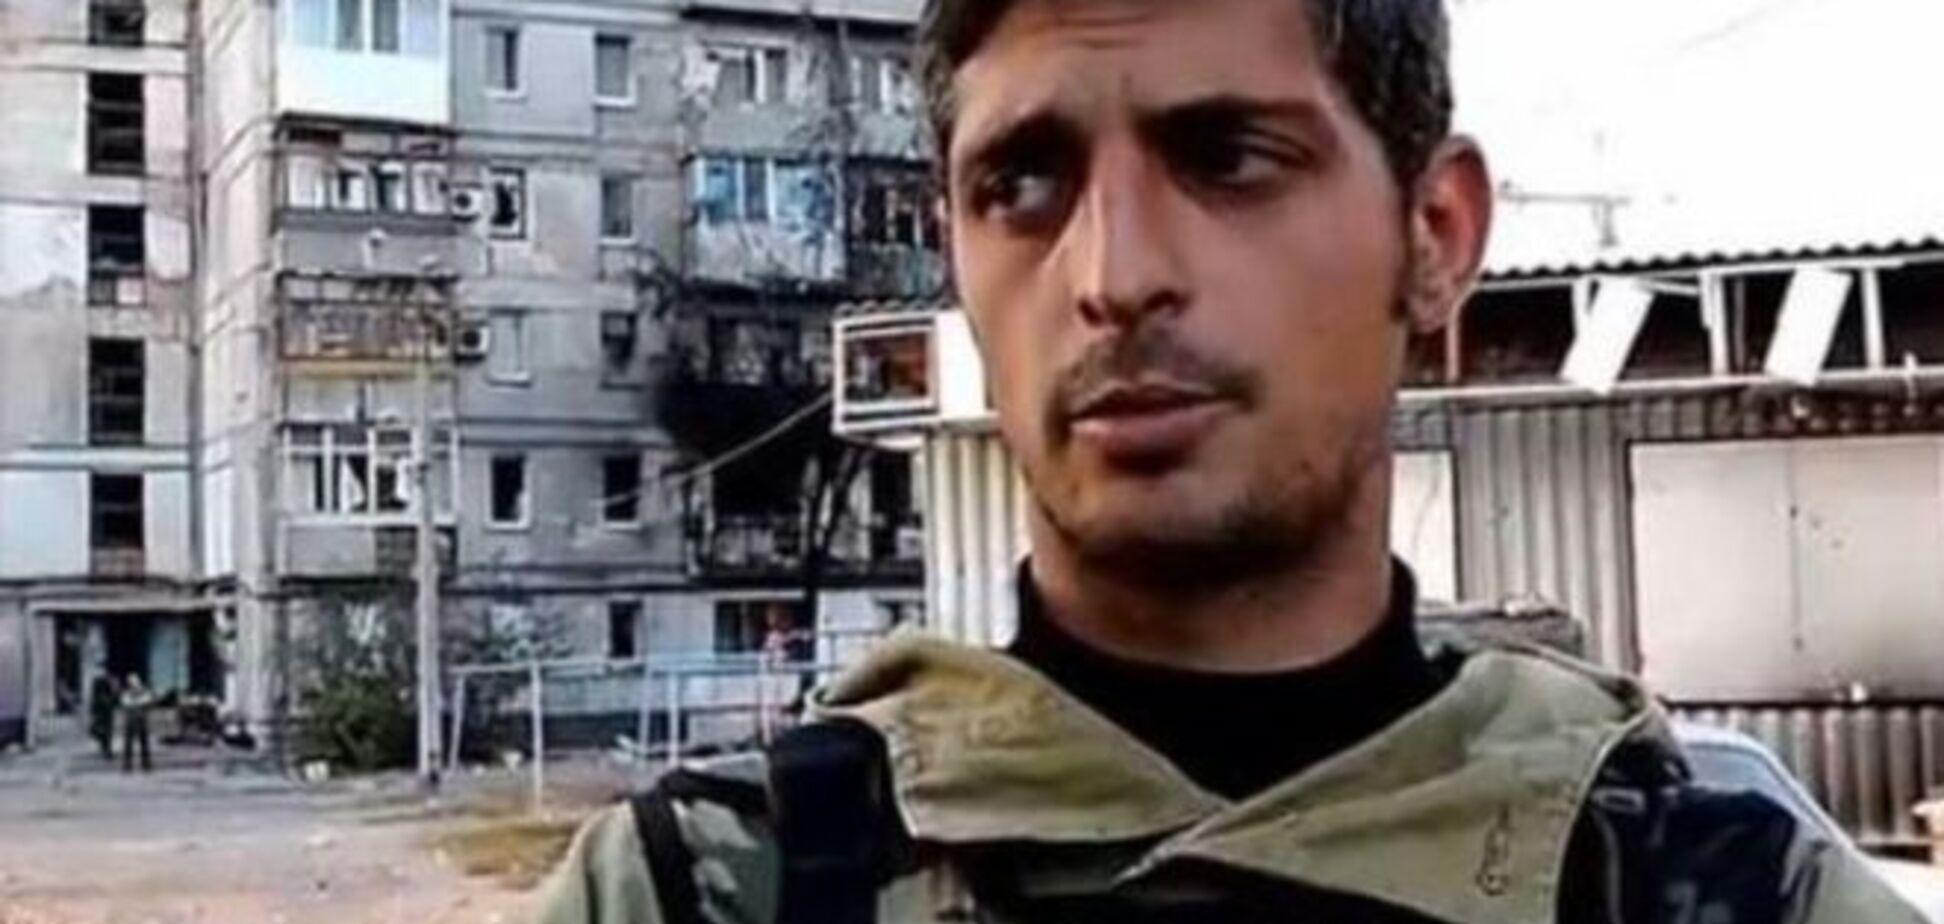 СМИ сообщили об убийстве Гиви. Террорист опровергает